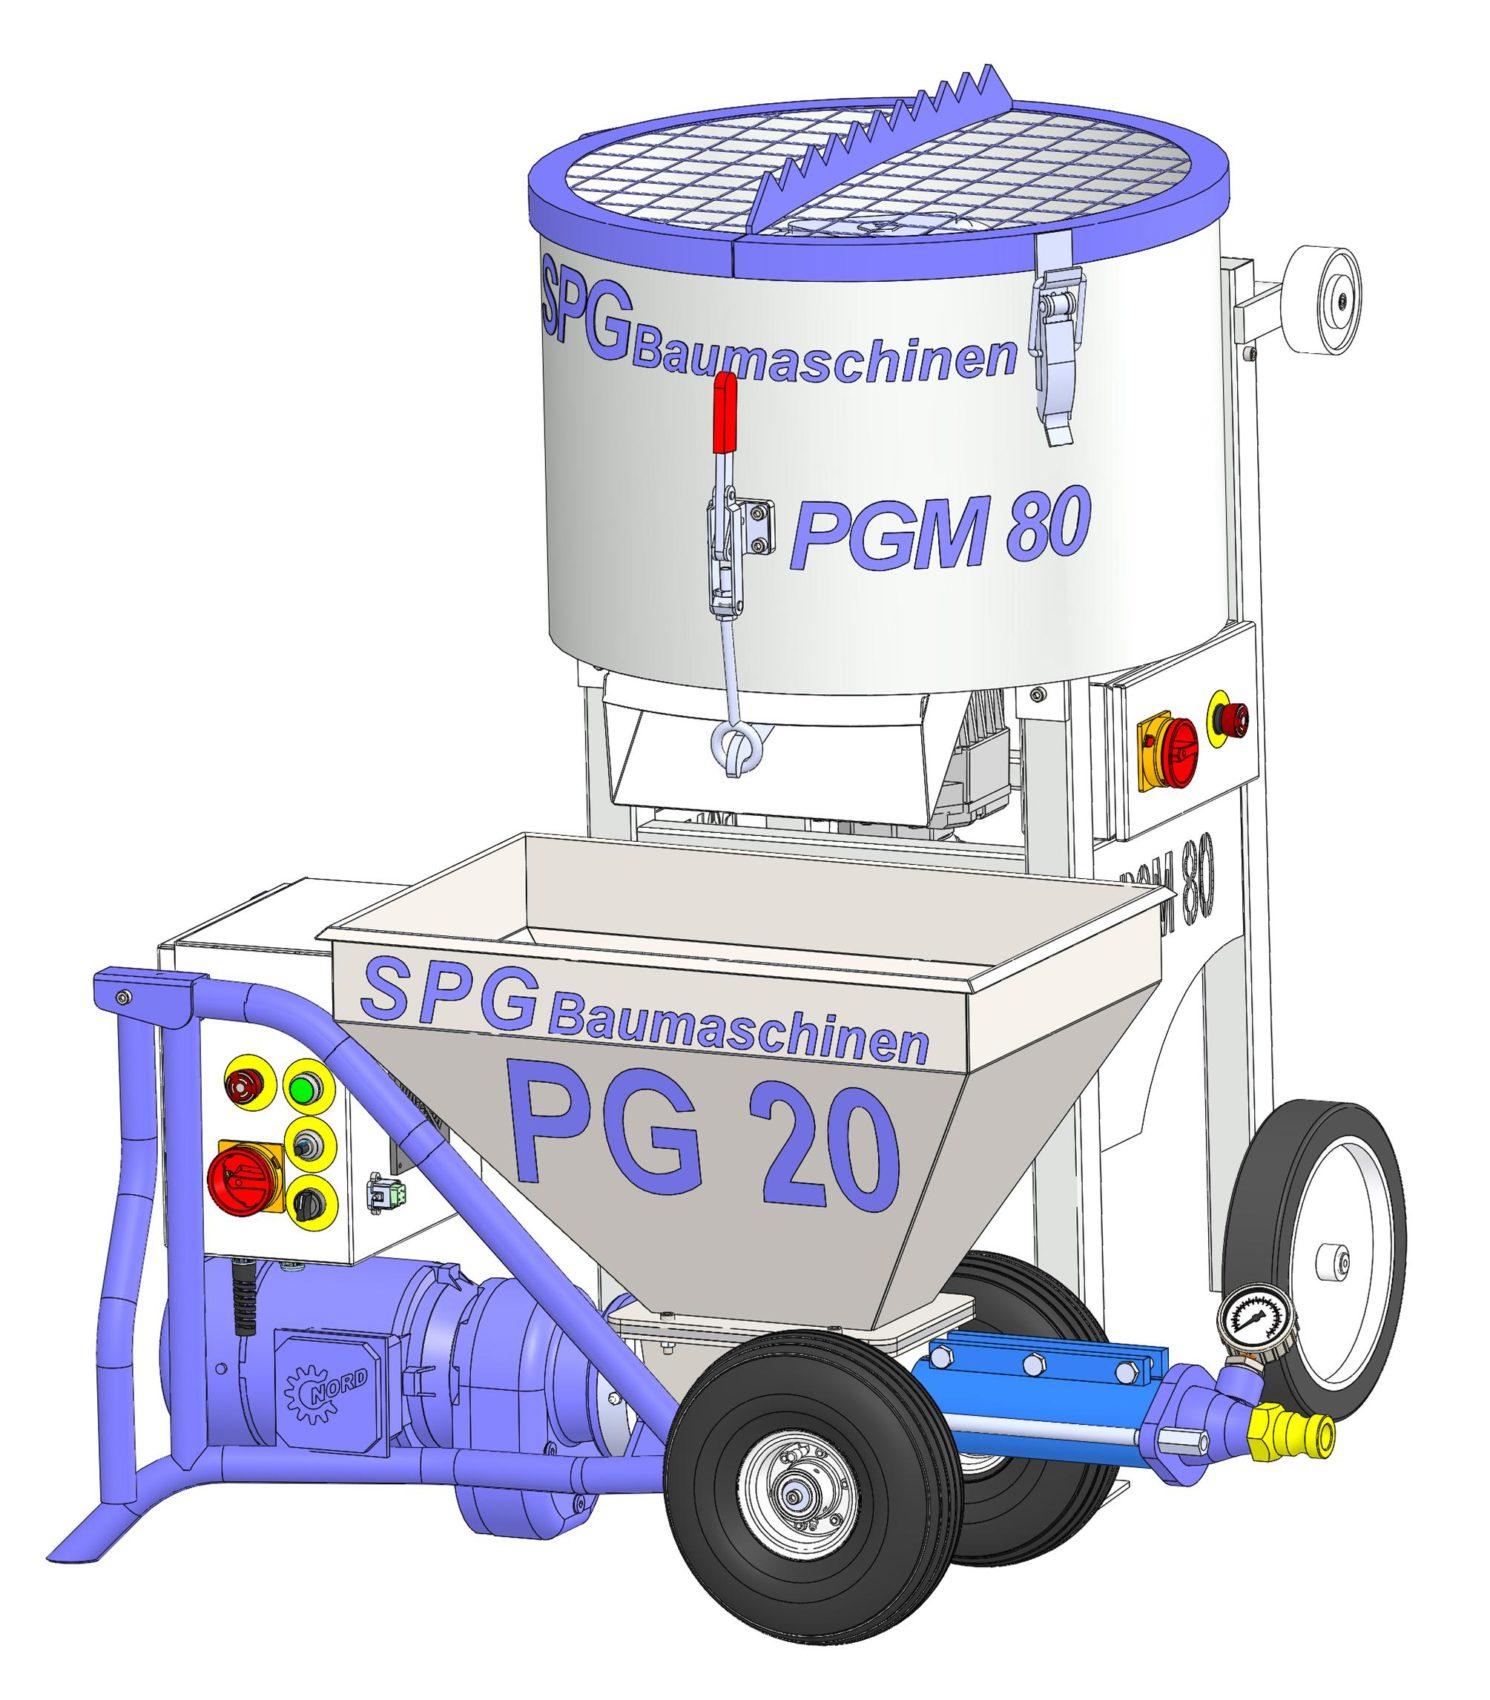 SPGBaumaschinen PGM 80